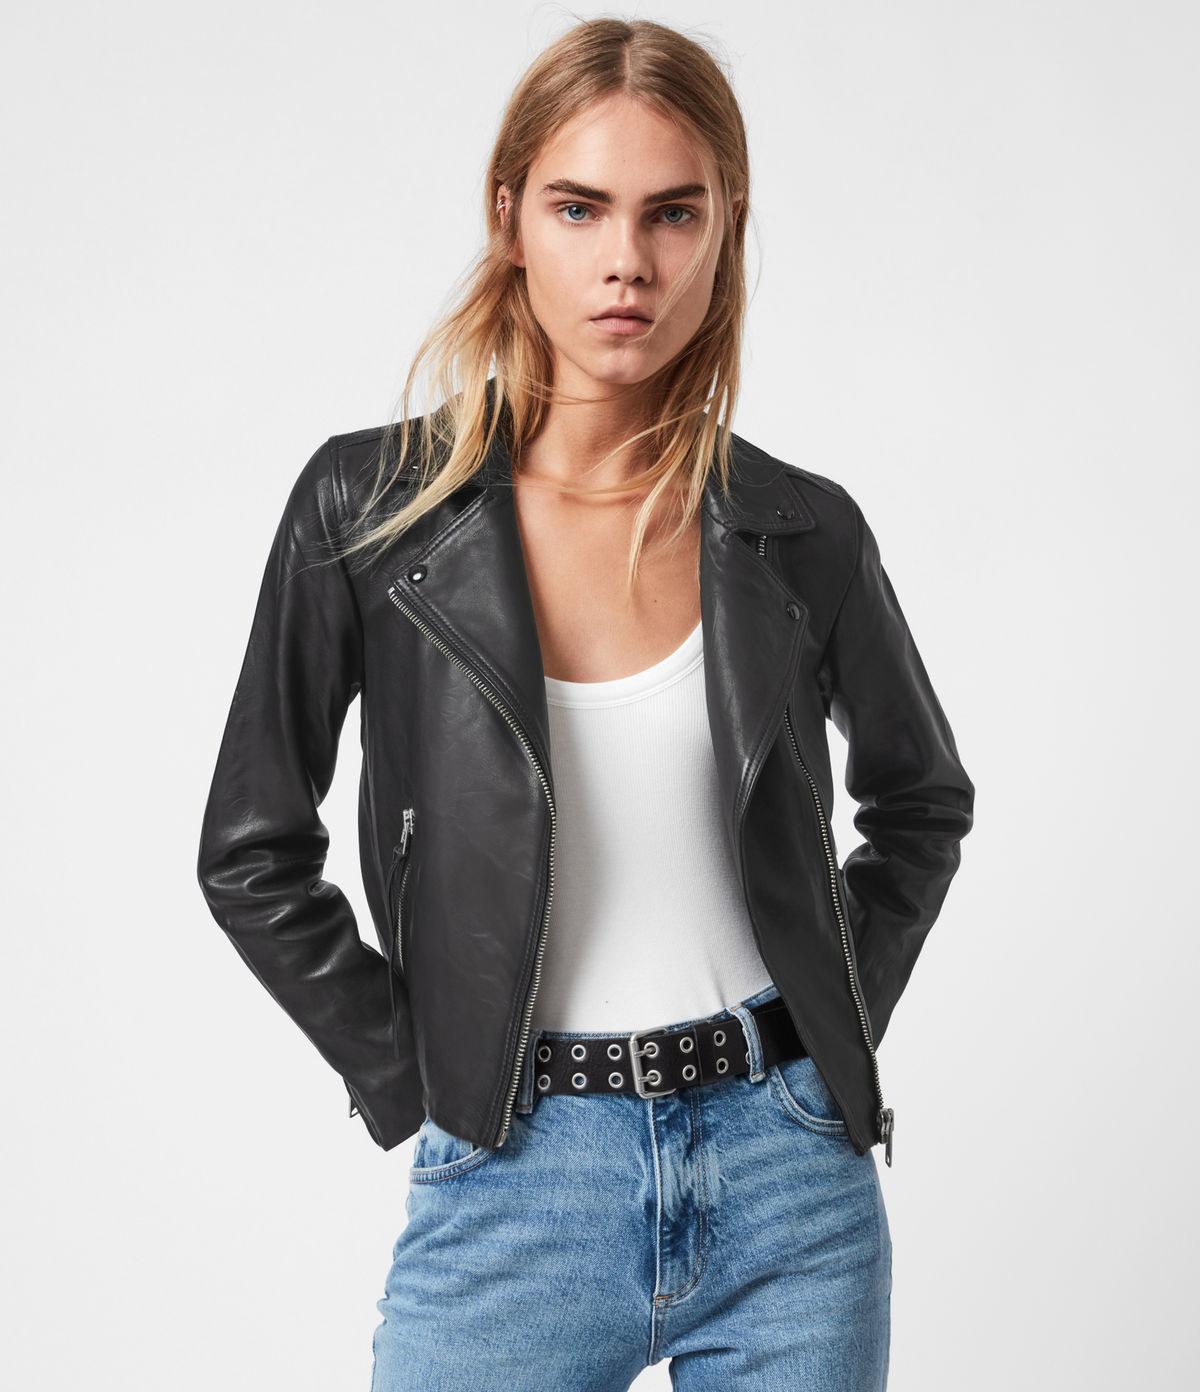 a model in a black leather biker jacket